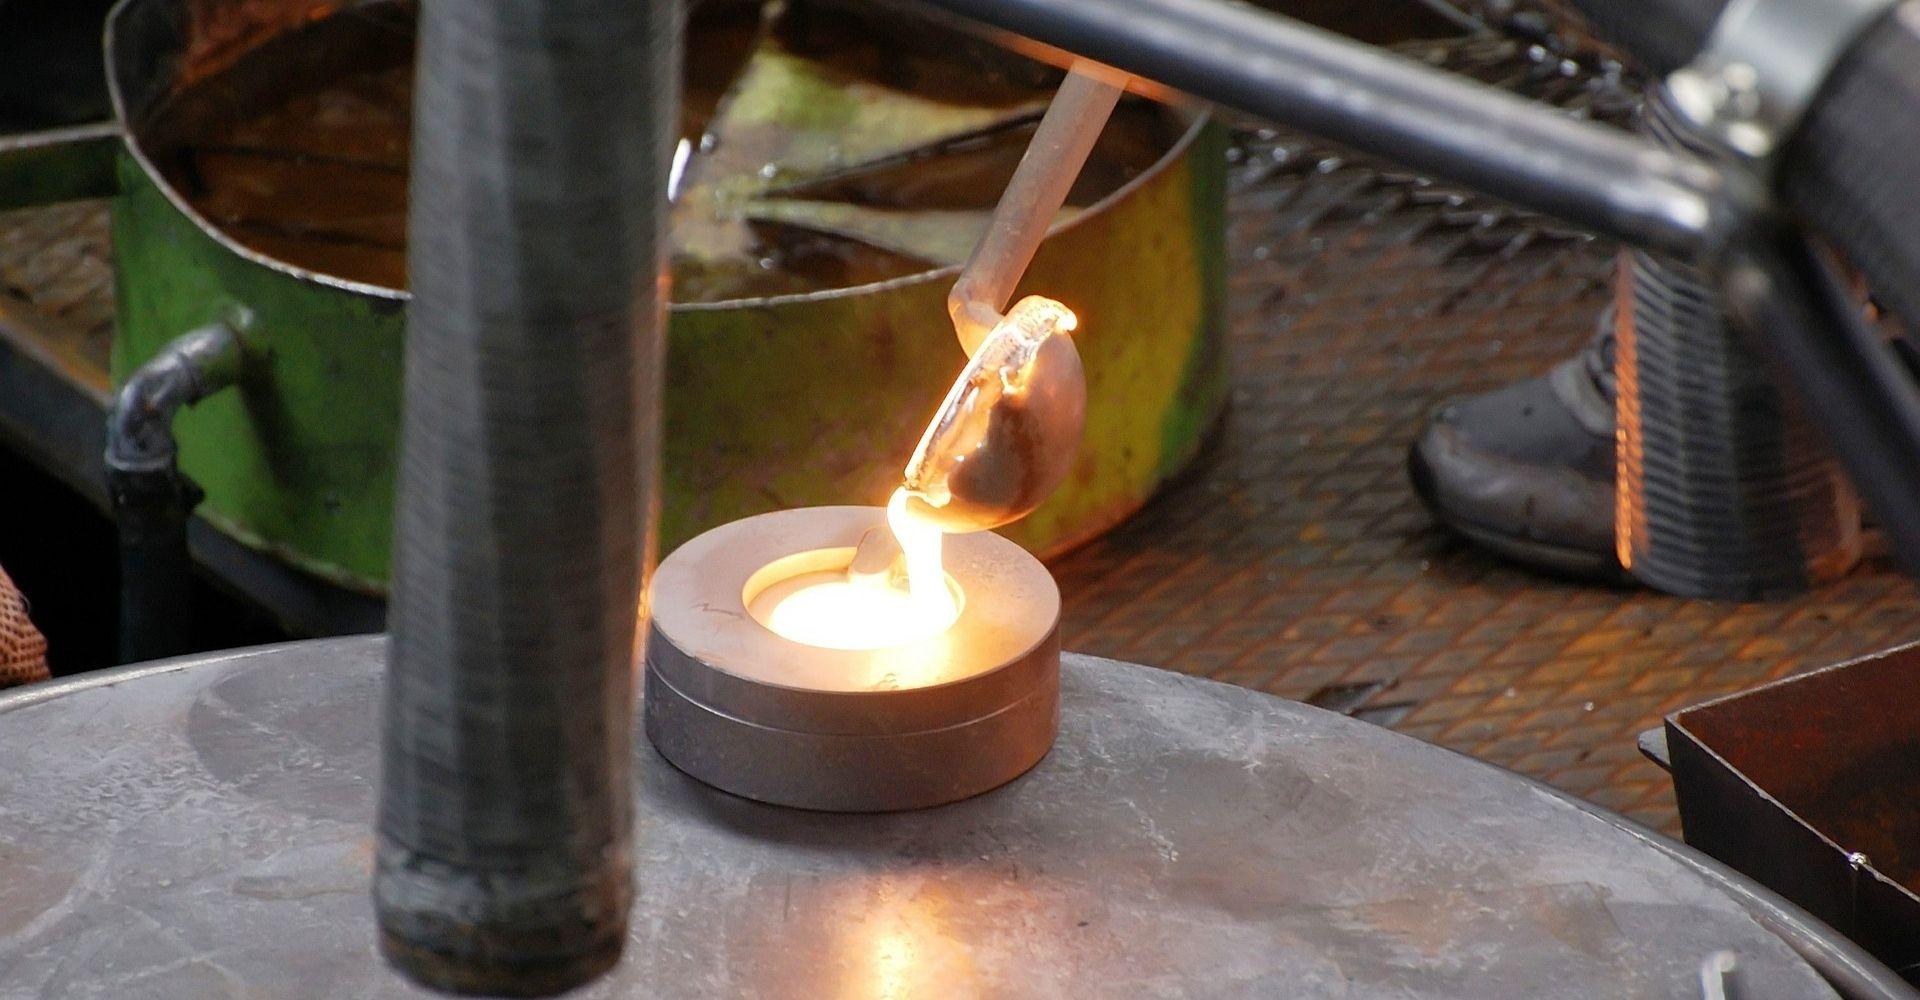 revamping macchine vetro